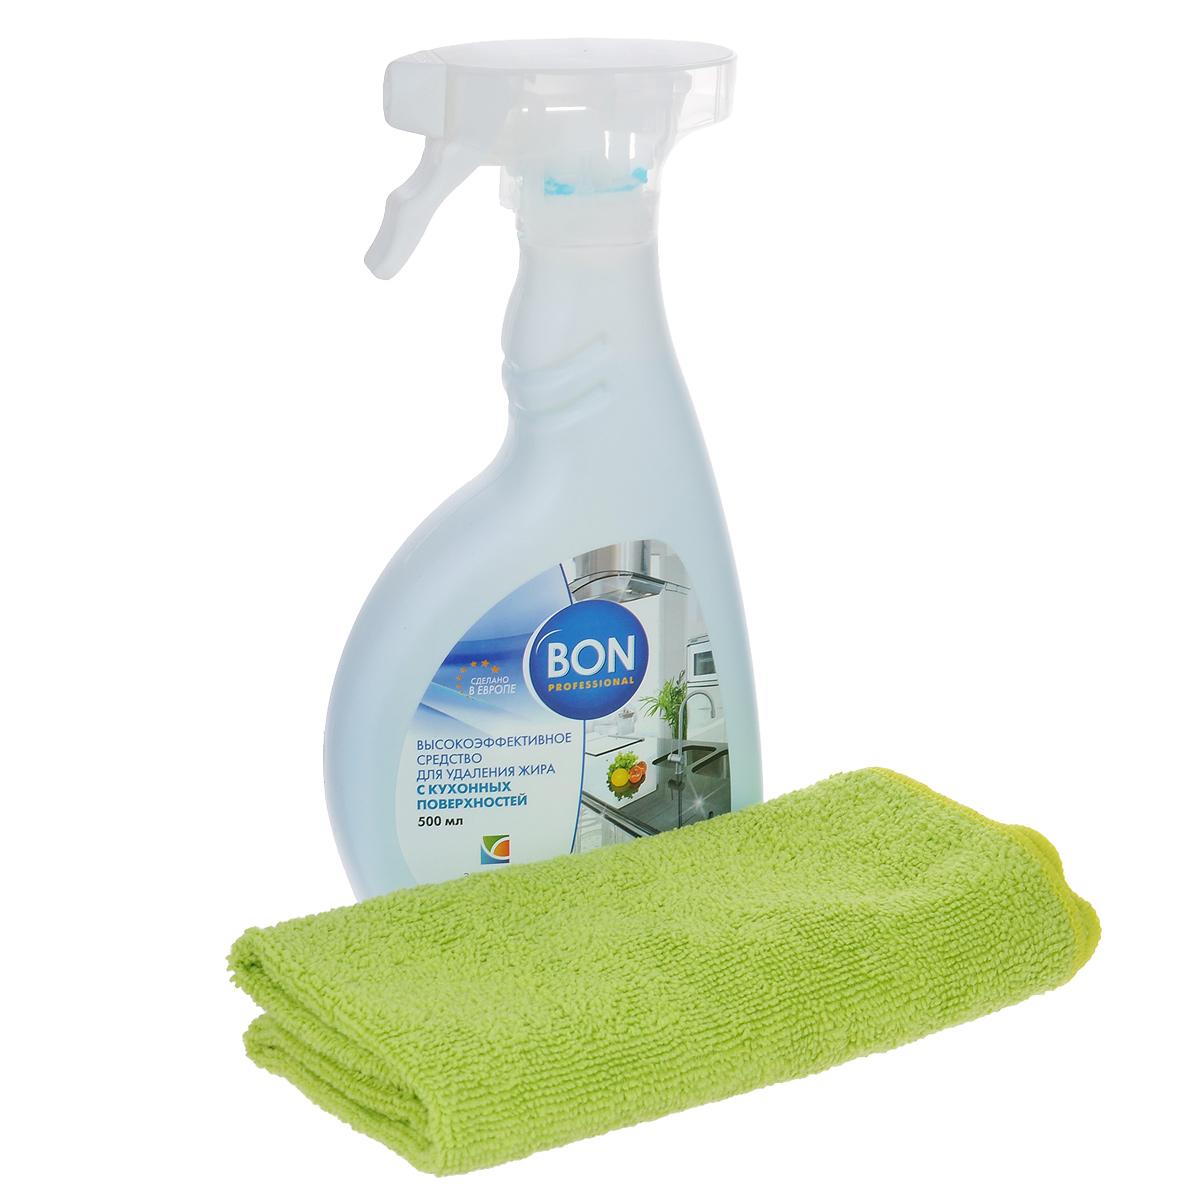 Набор для ухода за кухонными поверхностями Bon, 2 предмета391602Набор для ухода за кухонными поверхностями Bon состоит из средства для удаления жира с распылителем и салфетки из микрофибры. Средство эффективно удаляет жировые отложения со всех типов поверхностей на кухне. Обеспечивает антибактериальный эффект, уничтожая микроорганизмы и бактерии. Создает на кухне идеальные гигиенические условия. Не оставляет никаких следов на очищаемой поверхности. Безопасно для окружающей среды, биологически перерабатывается более чем на 90%. Без запаха. Салфетка из микрофибры предназначена для очистки поверхностей кухни от любых видов загрязнений, для полировки и придания блеска. Идеально подходит для использования со средствами Bon для ухода за кухонными поверхностями. Не оставляет разводов и ворсинок. Обладает повышенной прочностью. В одном наборе Bon есть все необходимое для качественного ухода за кухонными поверхностями.Состав средства: вода, Состав салфетки: 75% полиэстер, 25% полиамид. Объем средства: 500 мл. Размер салфетки: 35 см х 39 см.